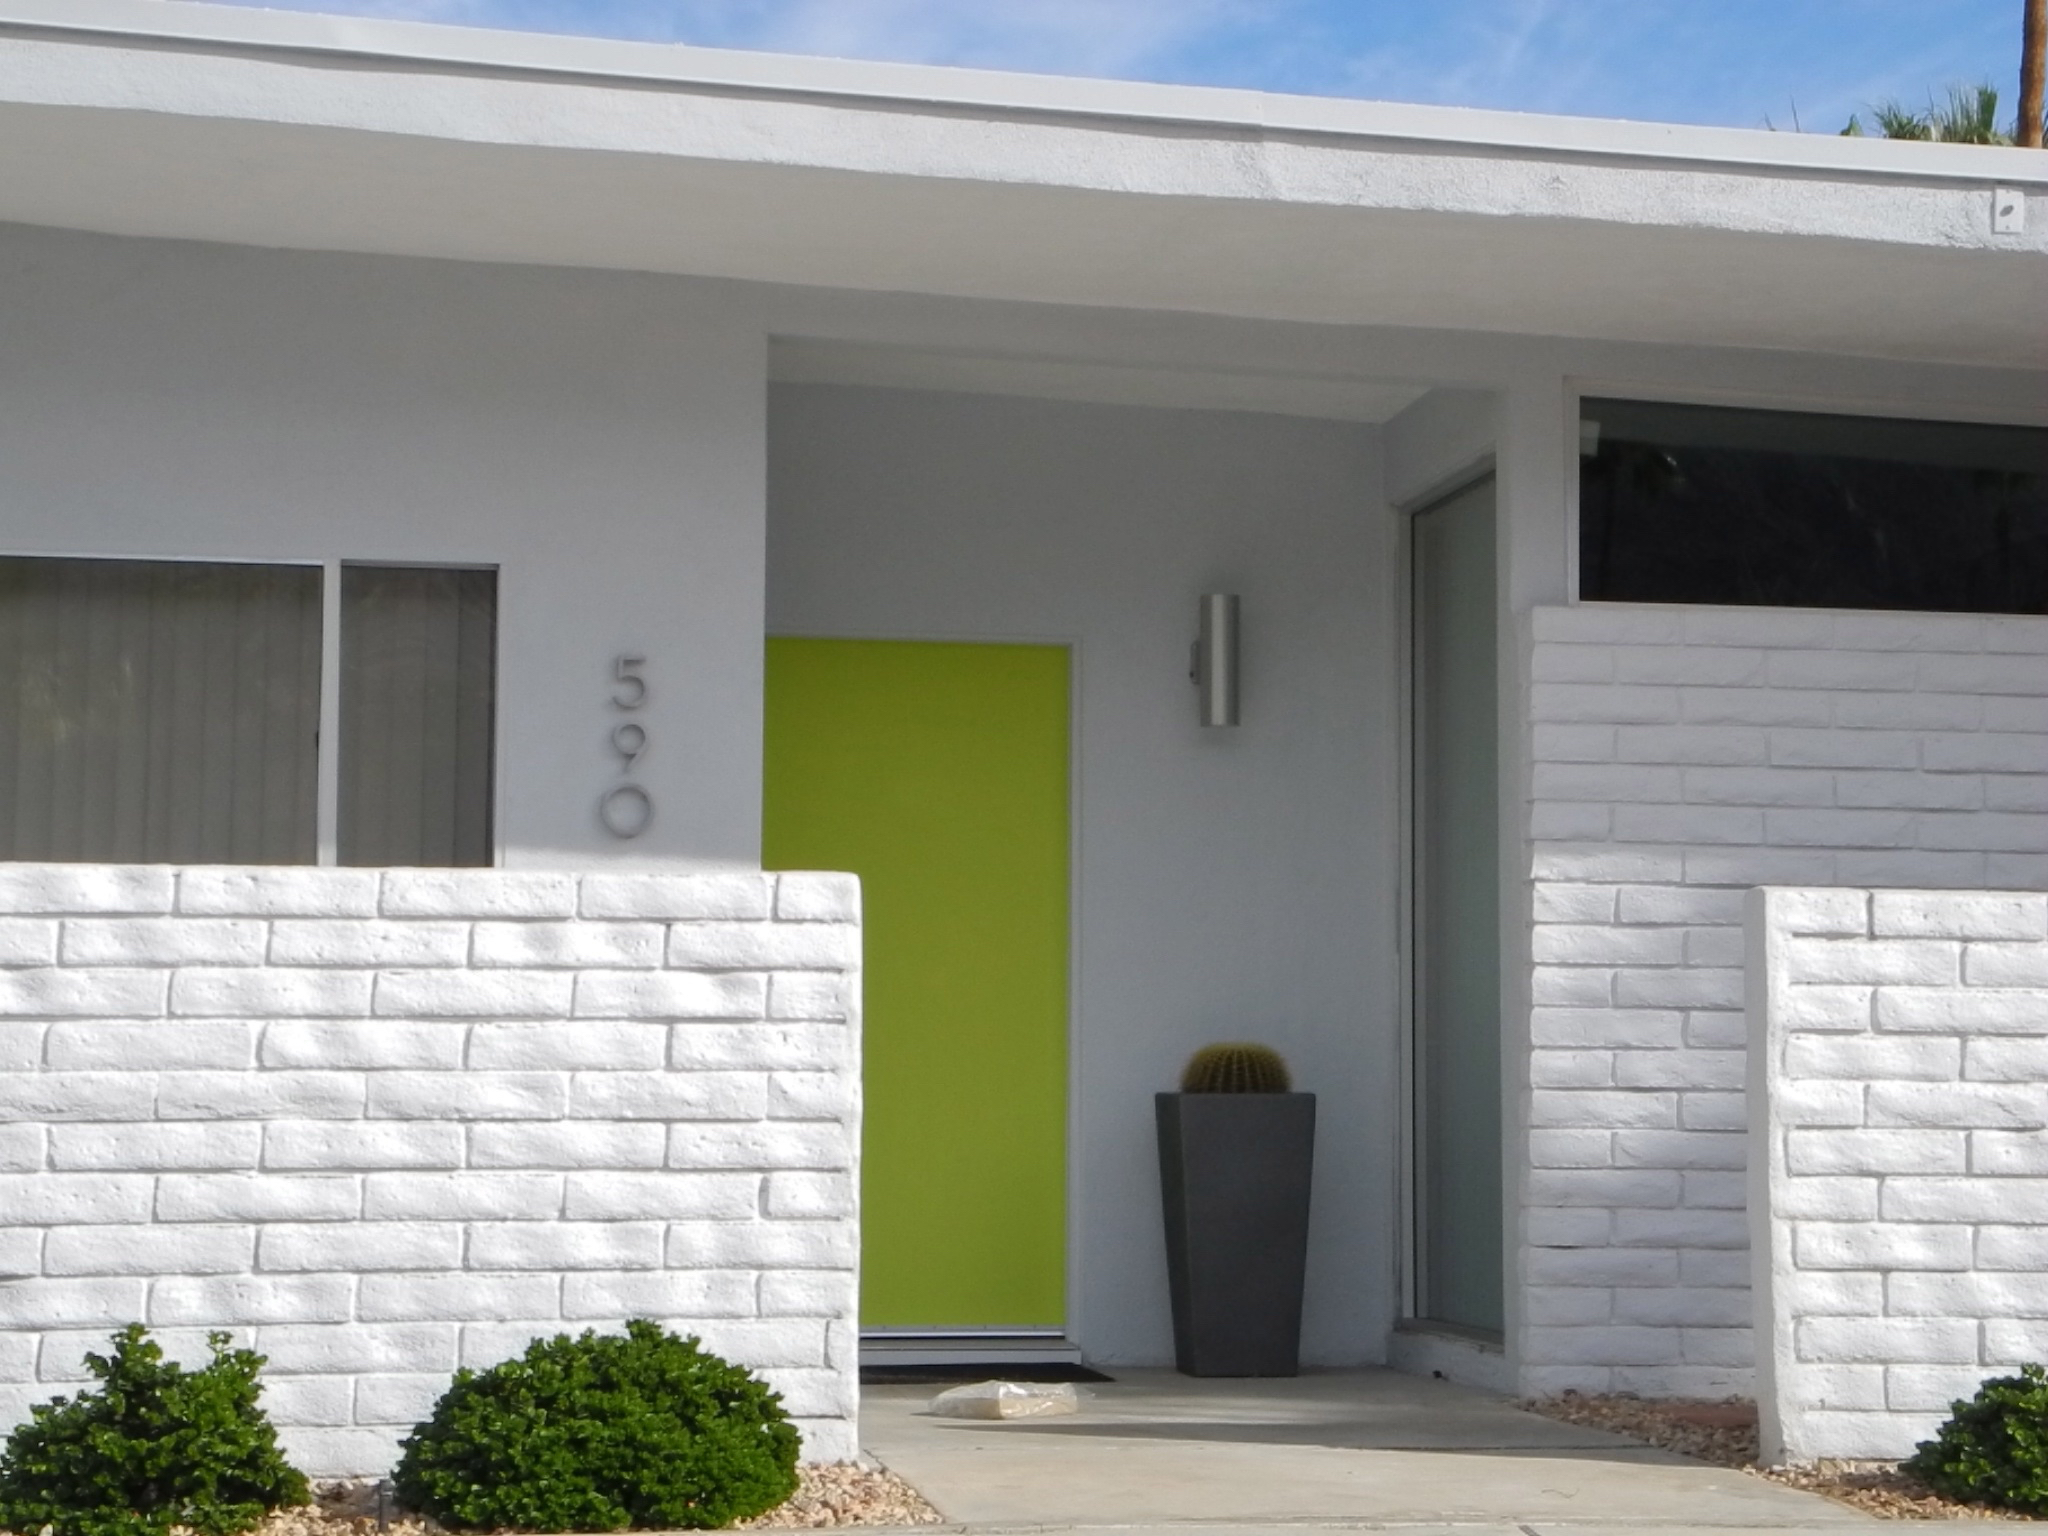 05-16-16-punch-color-green-door.jpg